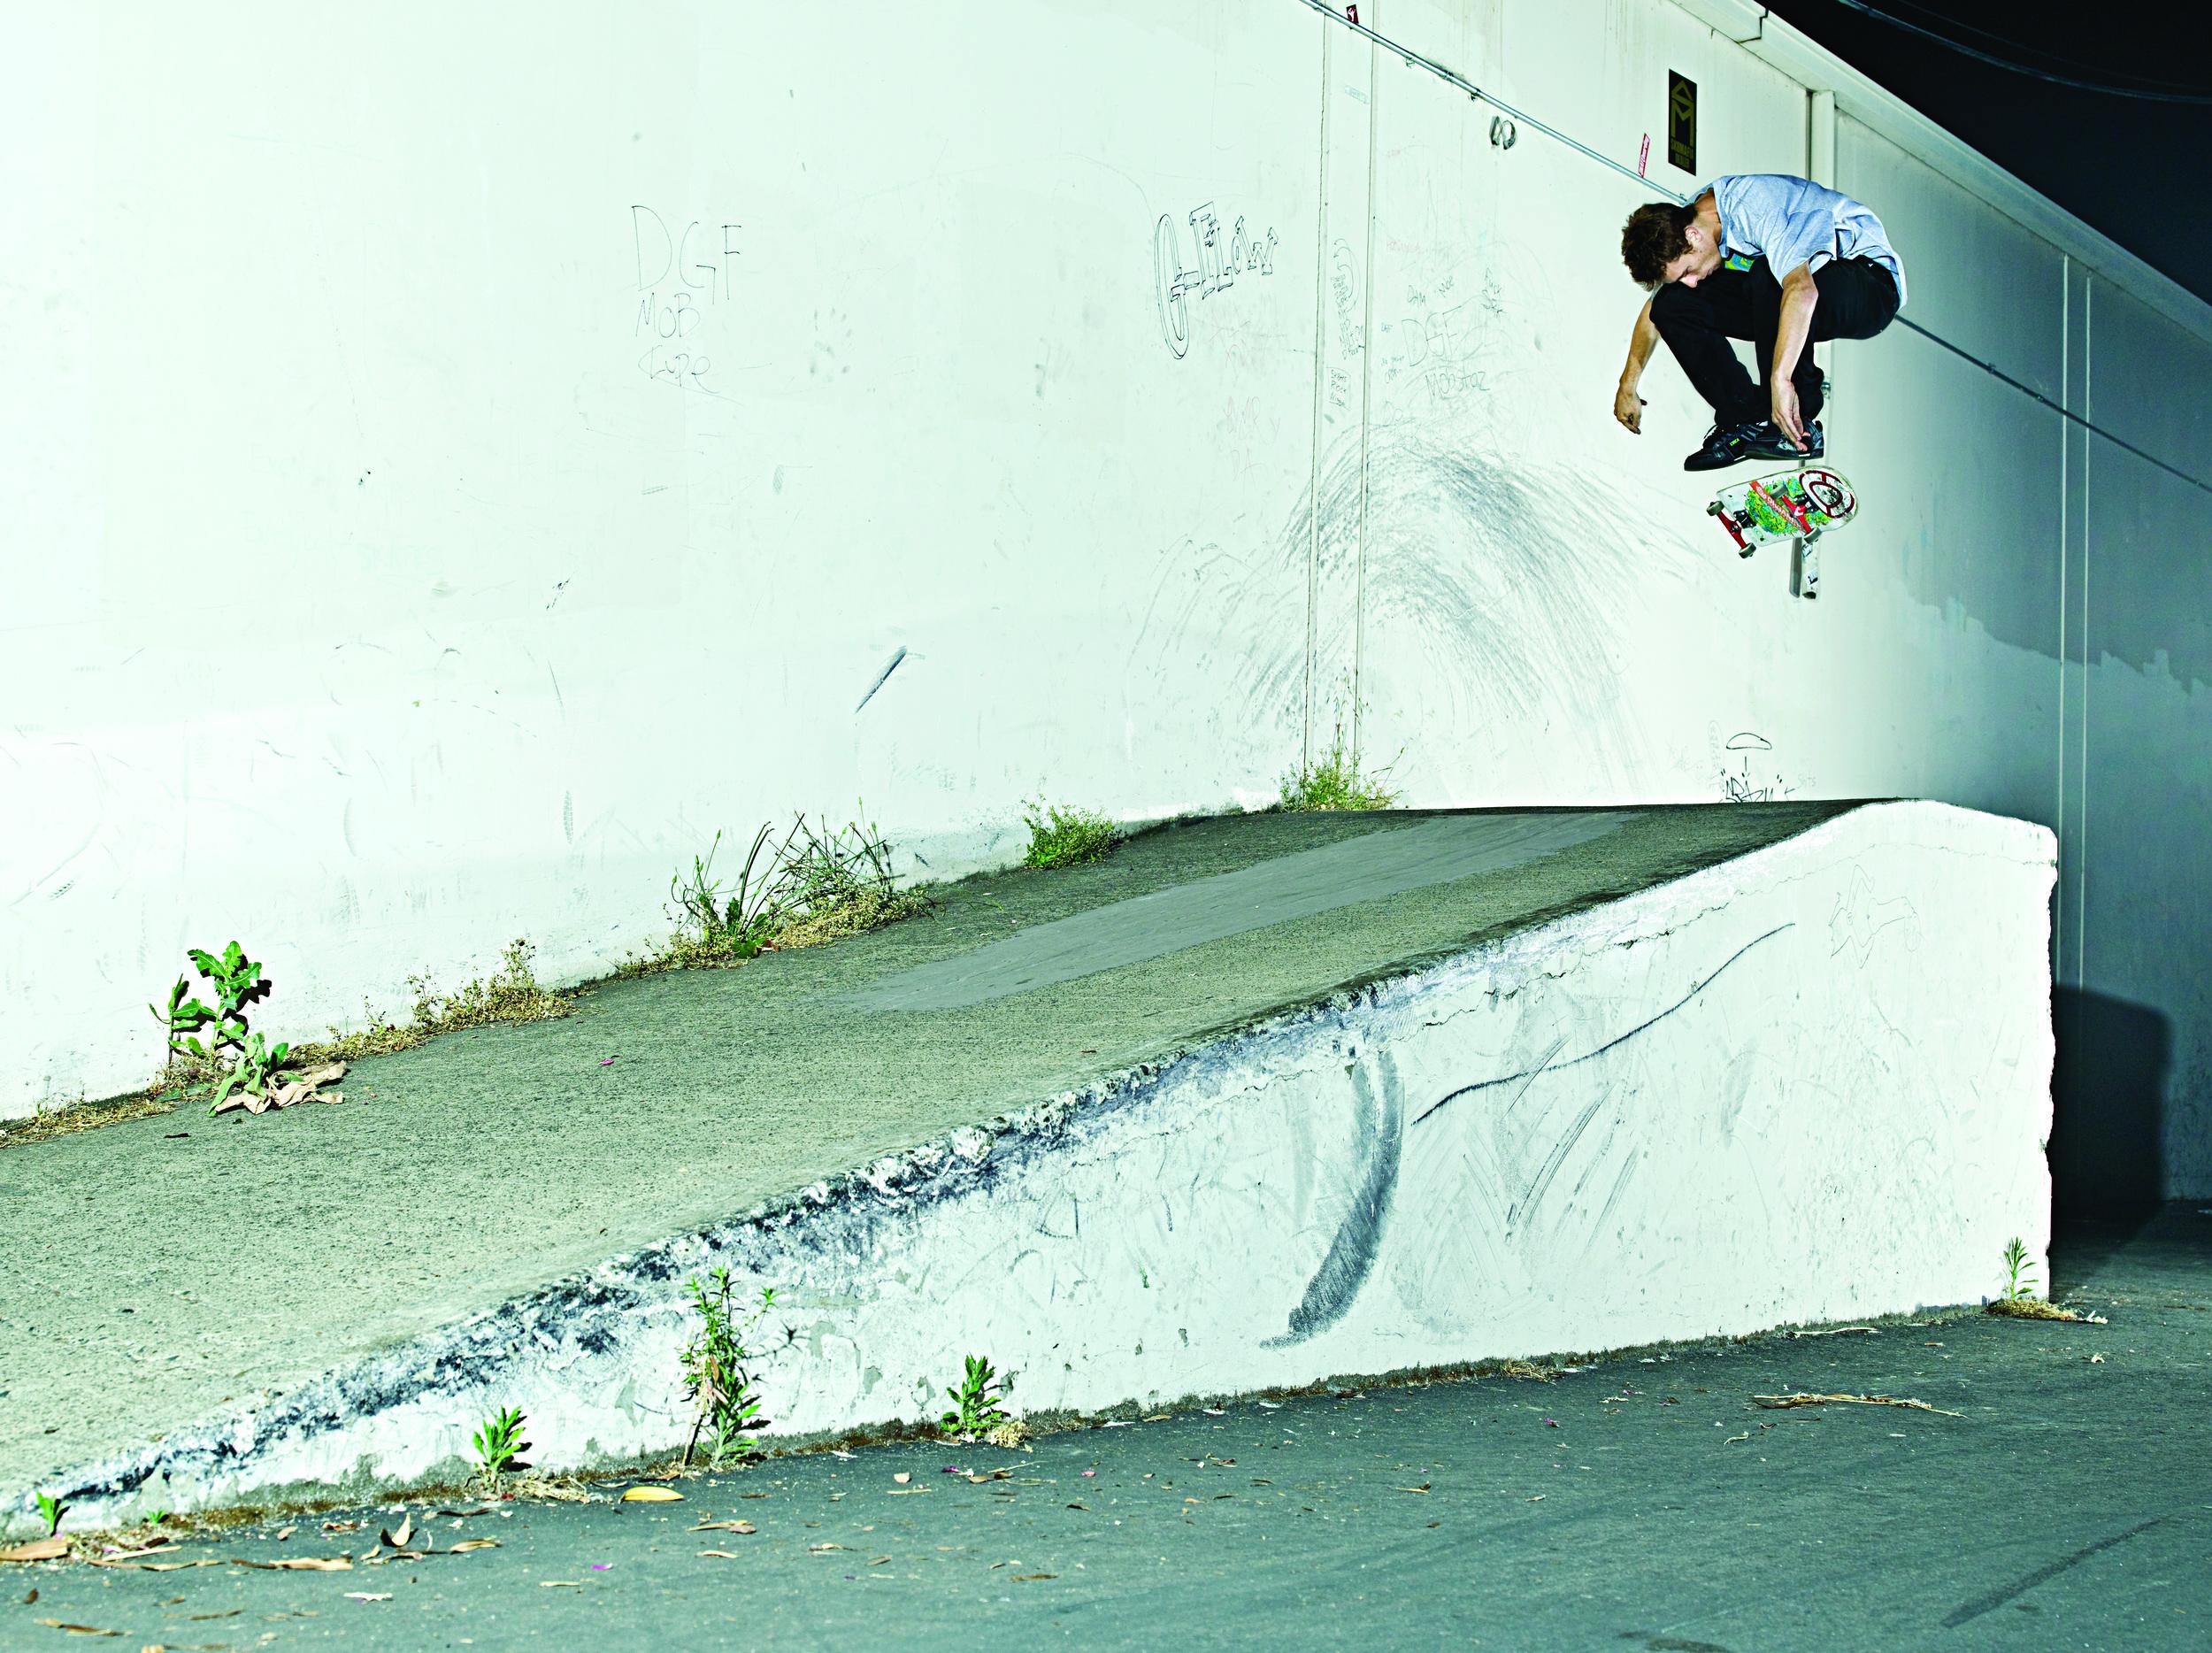 Switch bs Heelflip by Matt Daughters, Sacramento